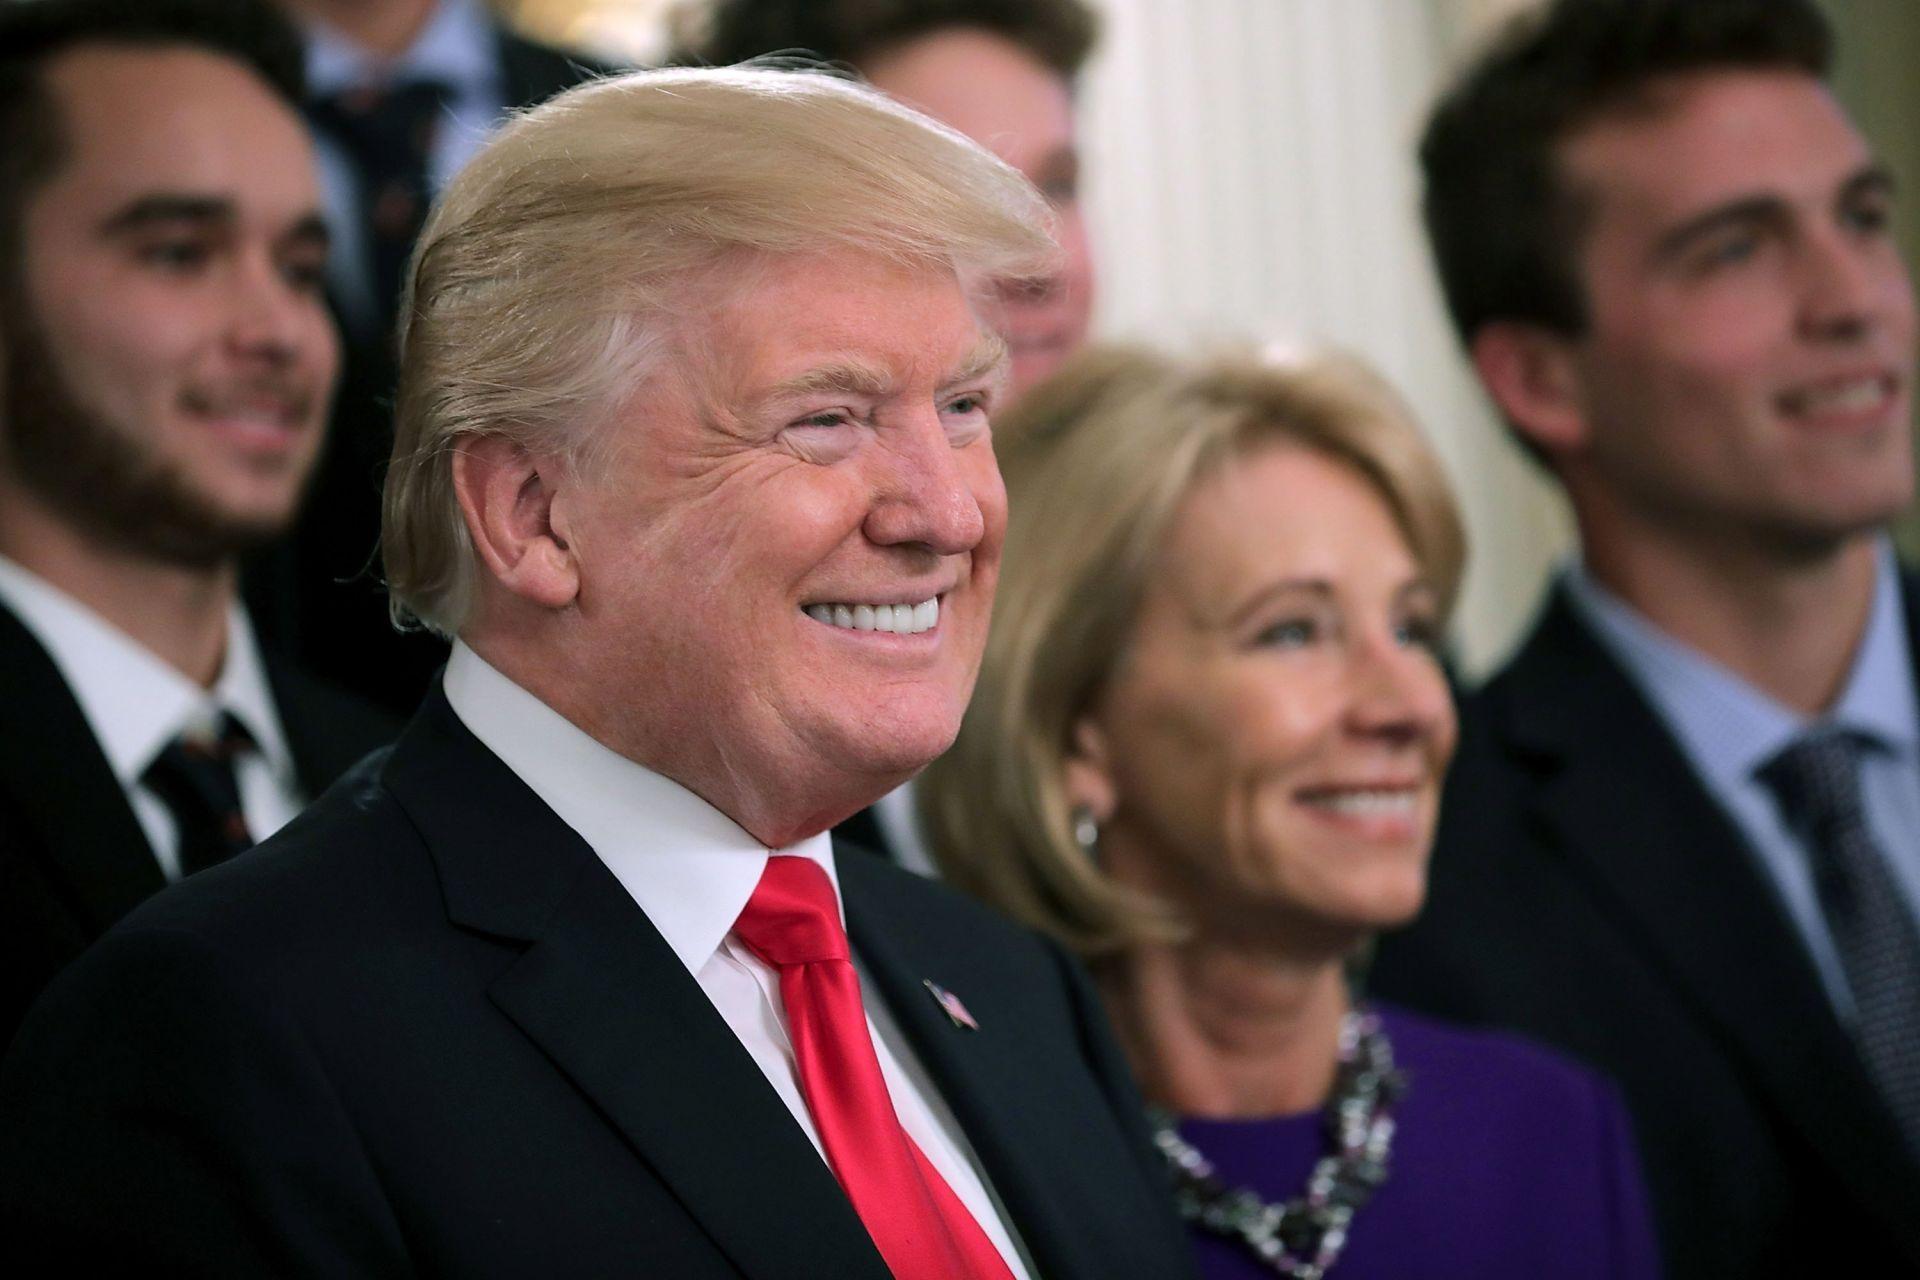 El presidente de los Estados Unidos, Donald J. Trump, y la secretaria de Educación, Betsy Devos, posan junto al equipo masculino de tenis la Universidad de Virginia.